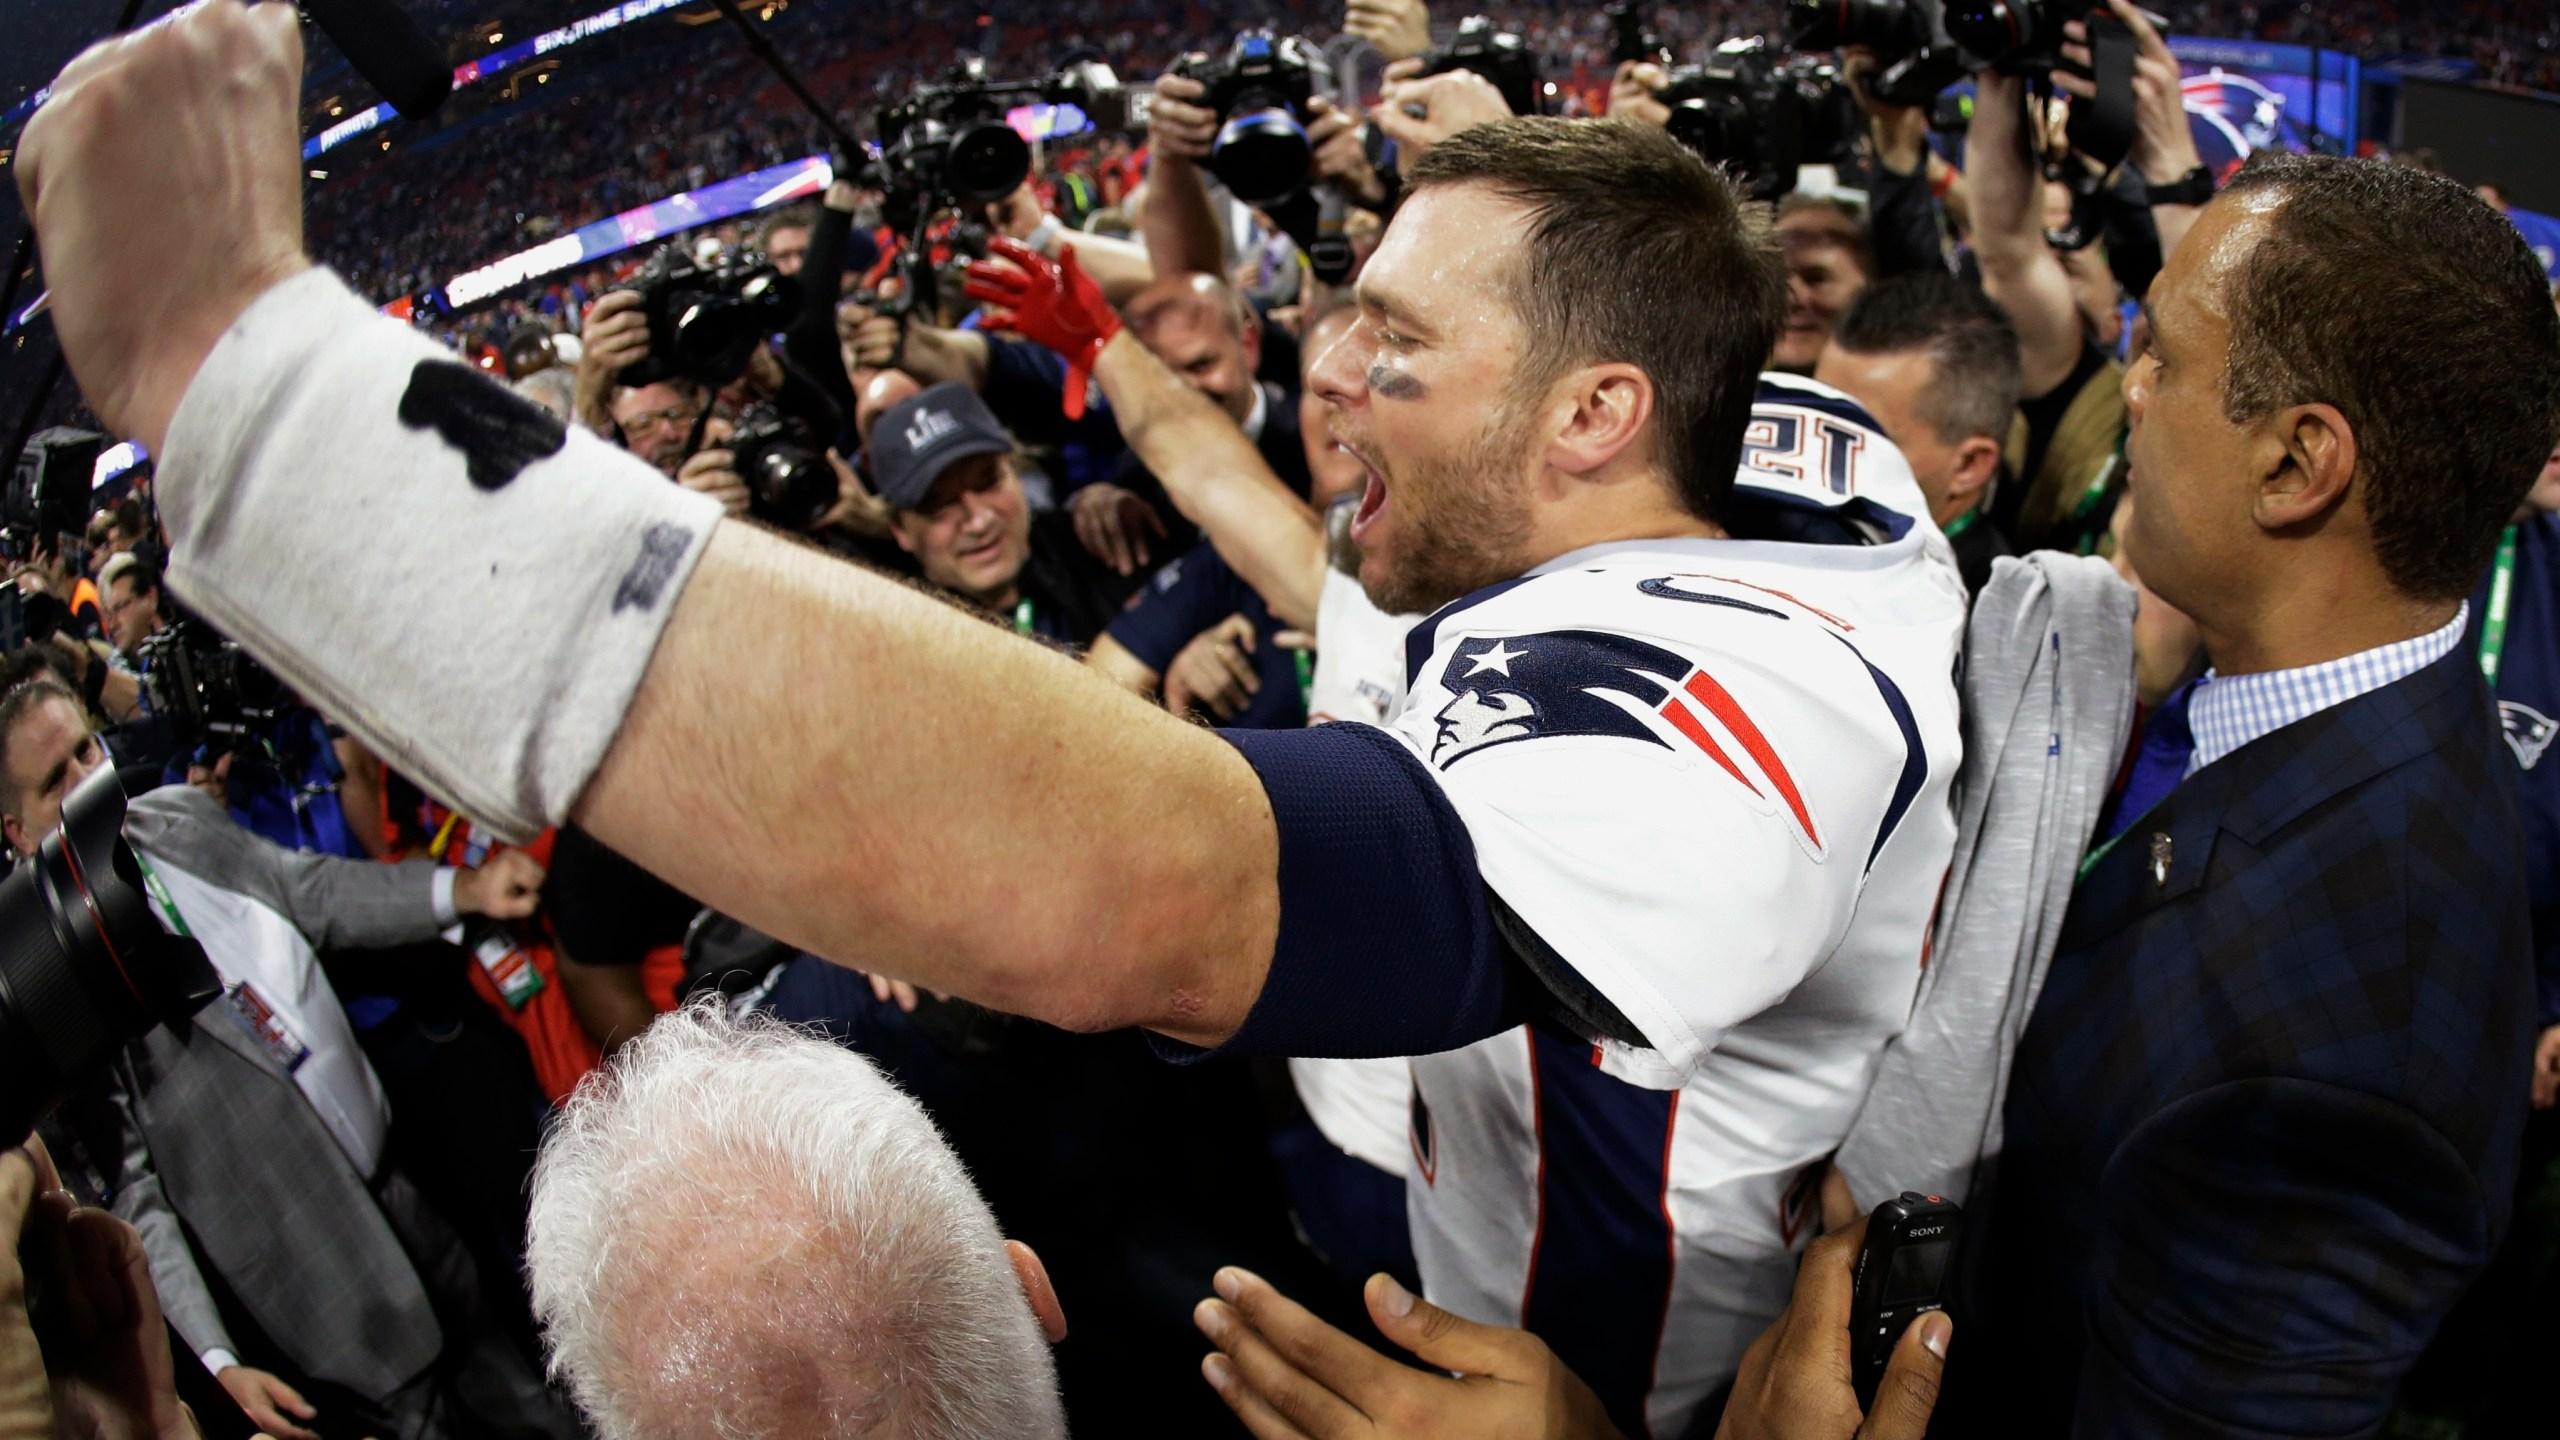 Patriots_Rams_Super_Bowl_Football_00341-159532.jpg55395231